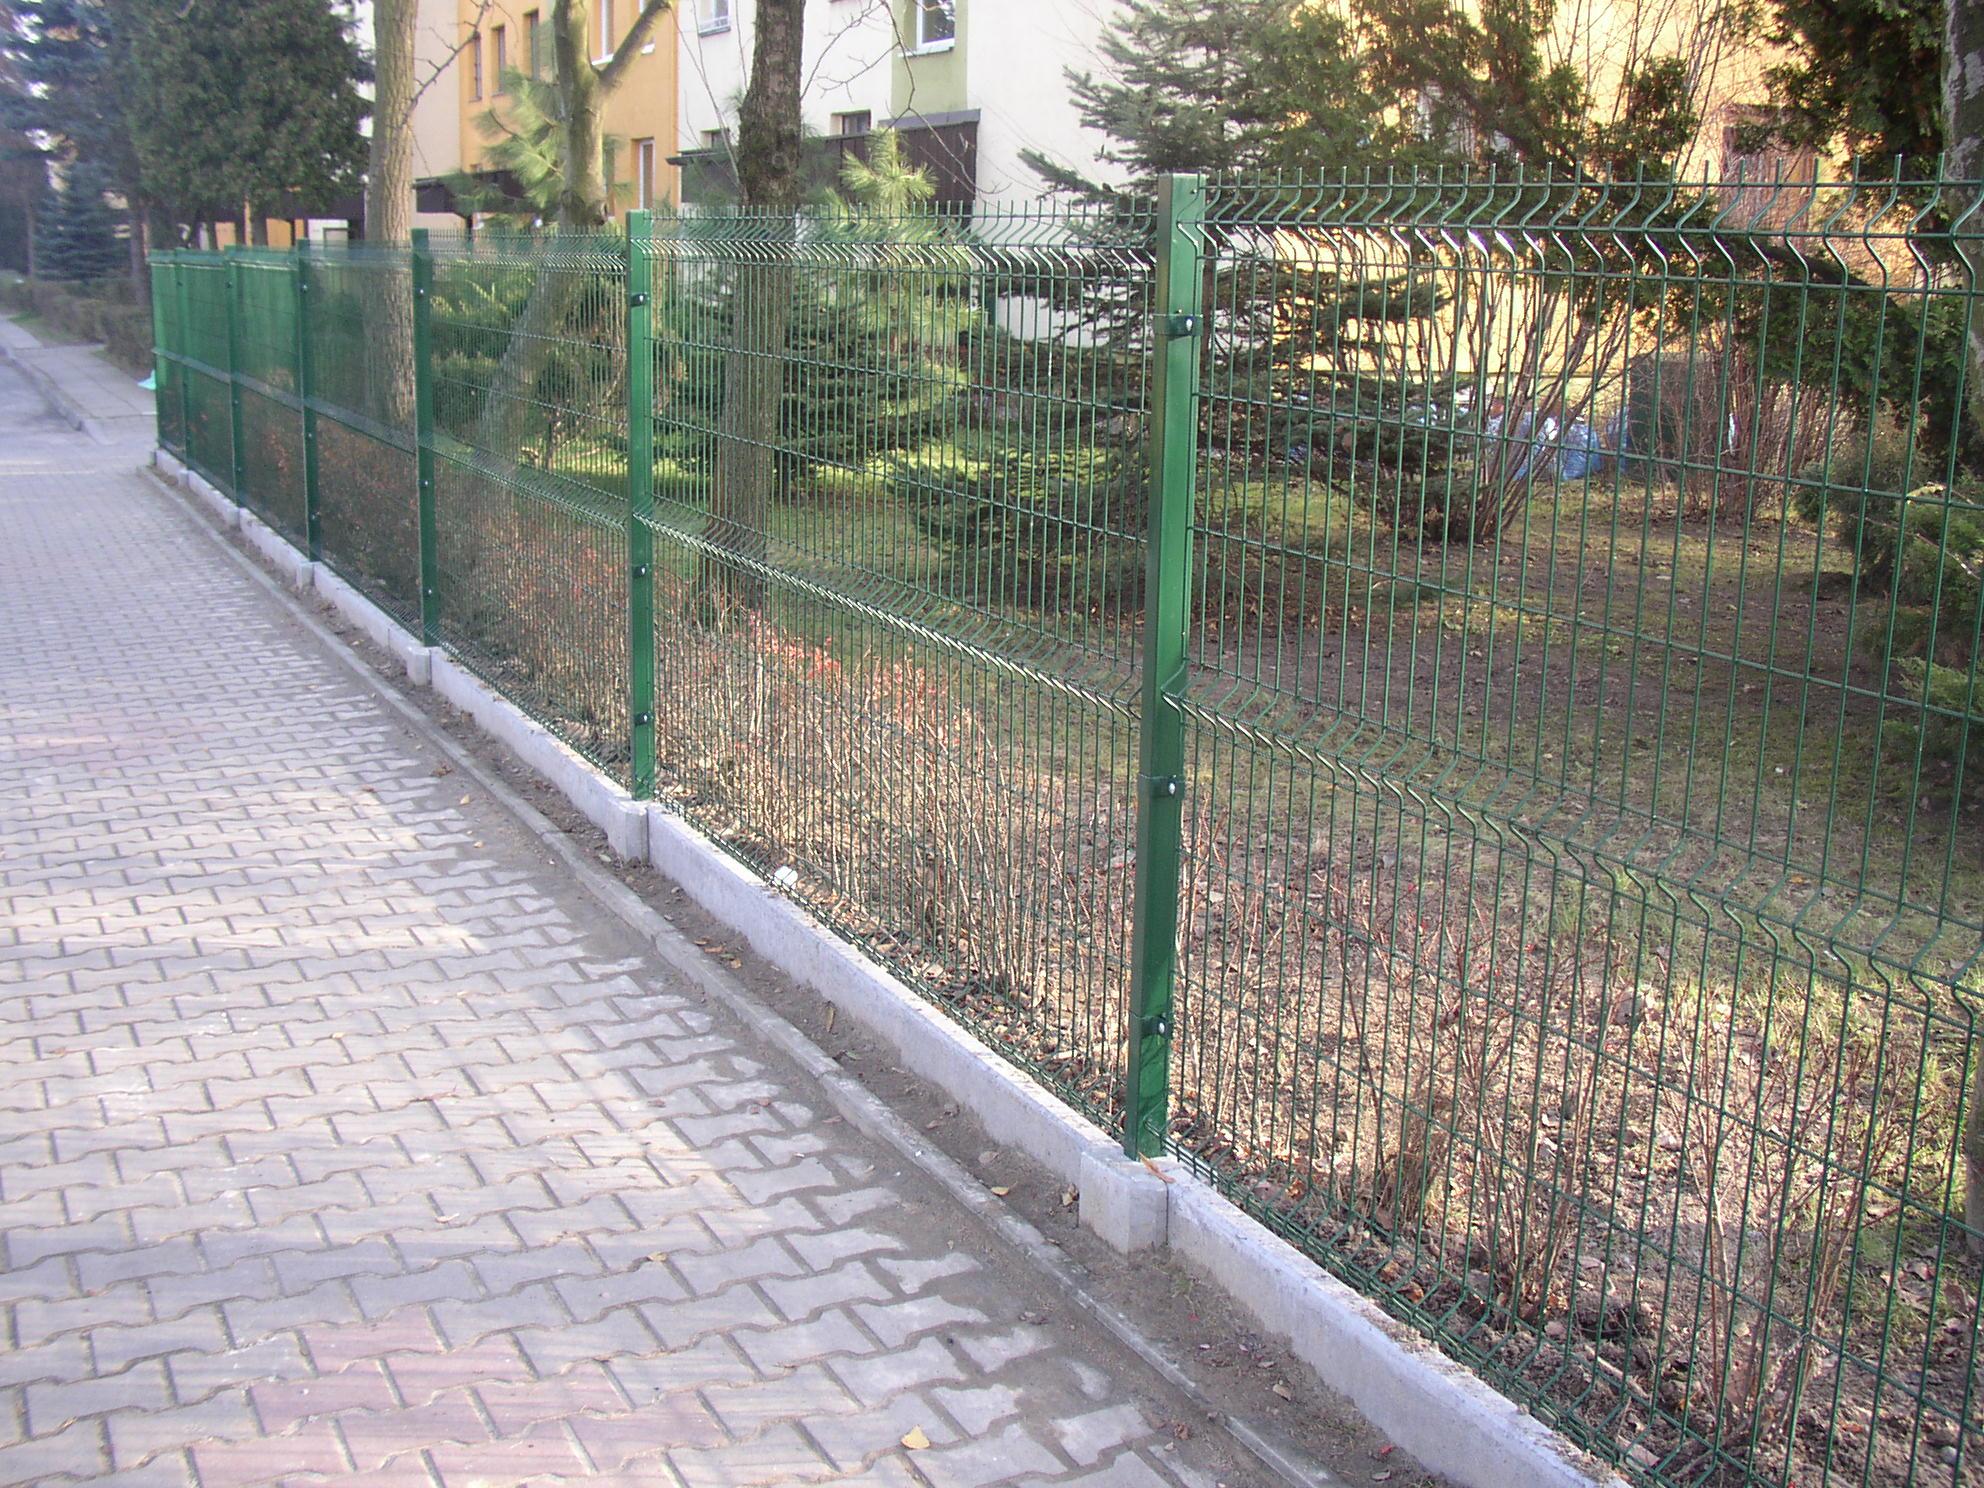 Zupełnie nowe Jakie wybrać panele ogrodzeniowe - wykonawstwo ogrodzeń HX55